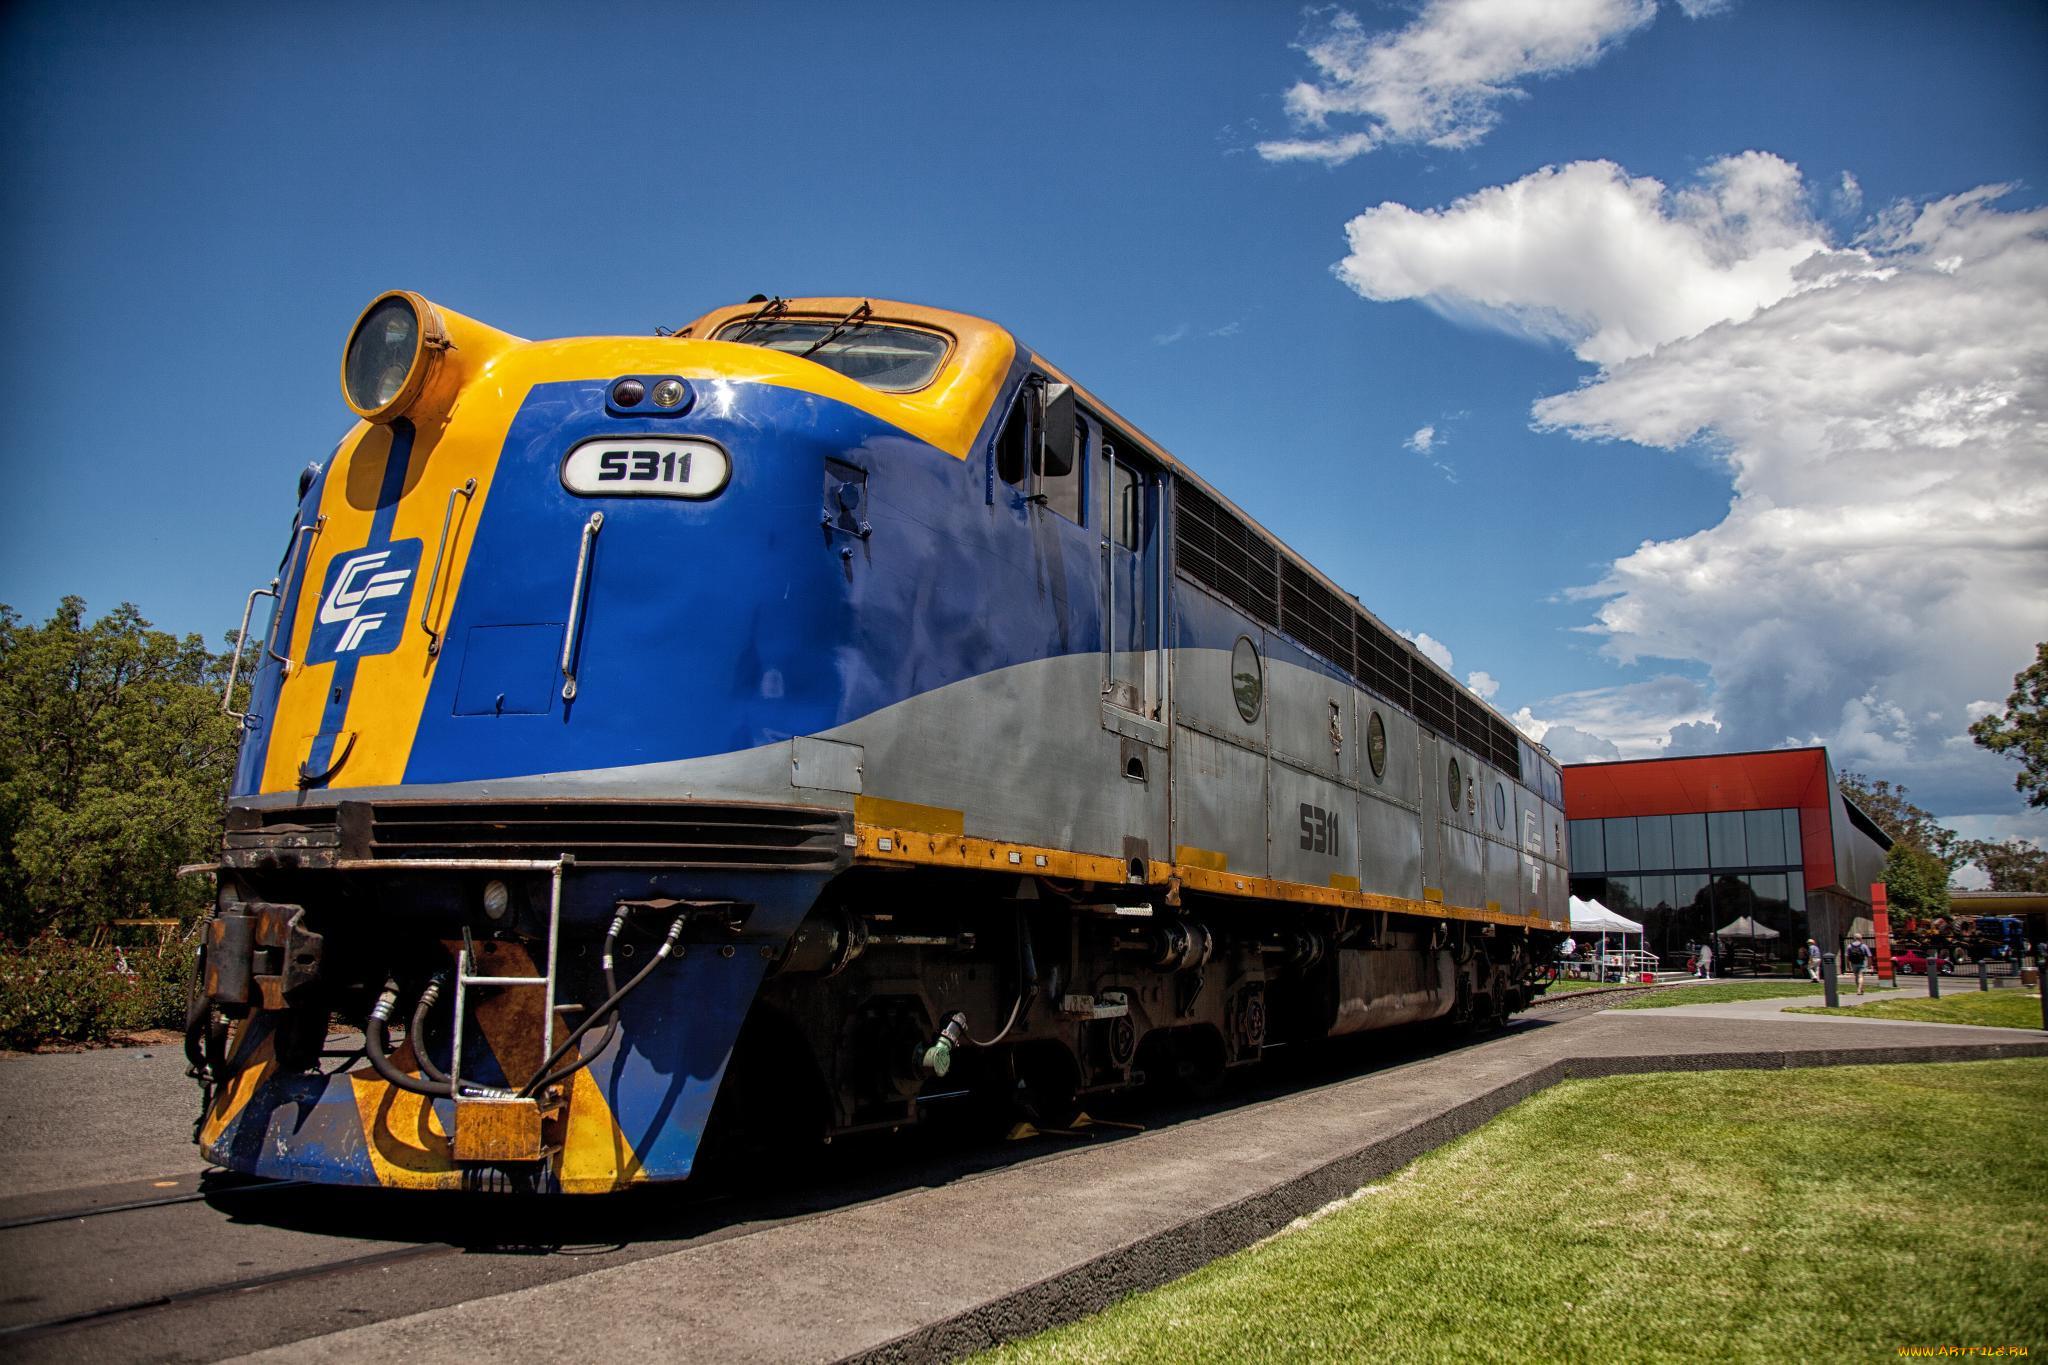 крутые картинки локомотивов фоне фигуры установлен